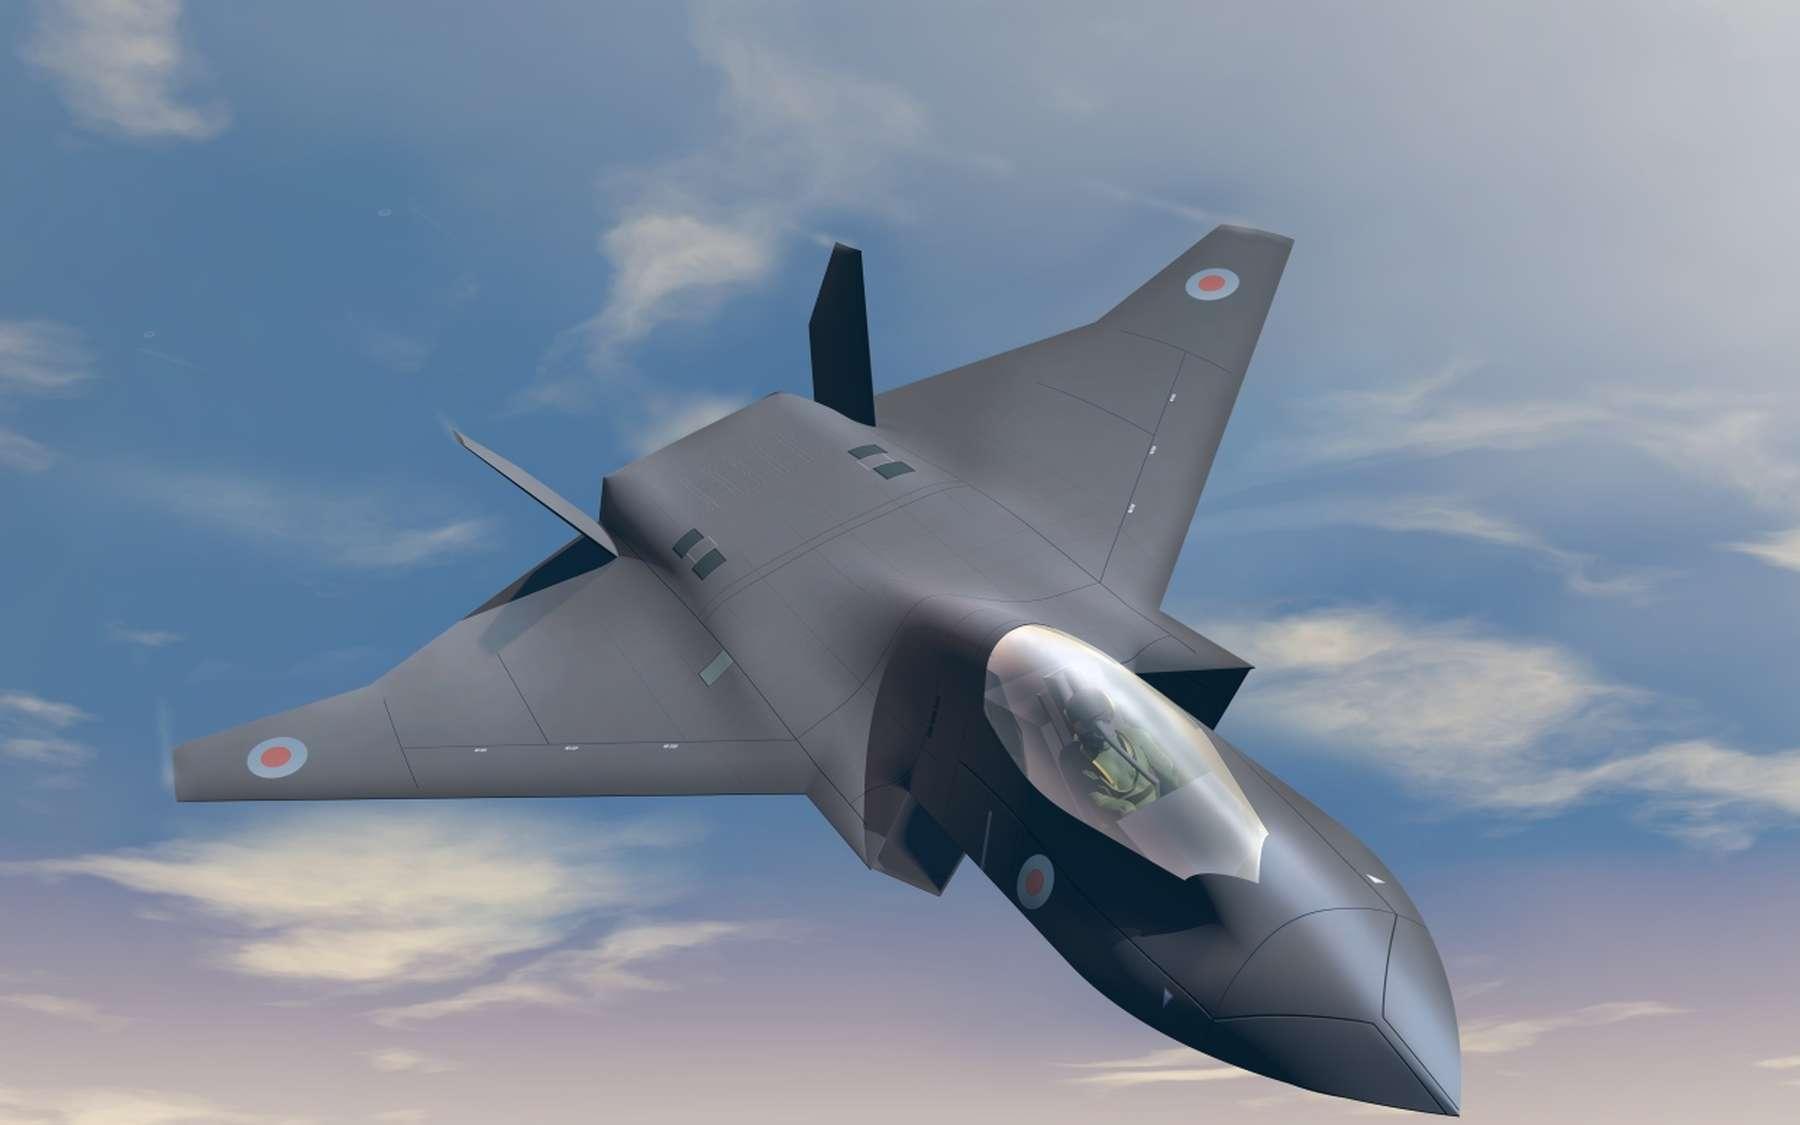 En juillet dernier, BEA Systems avait déjà présenté ce concept sur le Tempest, un prototype d'avion de chasse anglo-italien dévoilé lors du Salon international de l'aéronautique de Farnborough au Royaume-Uni. © BAE Systems